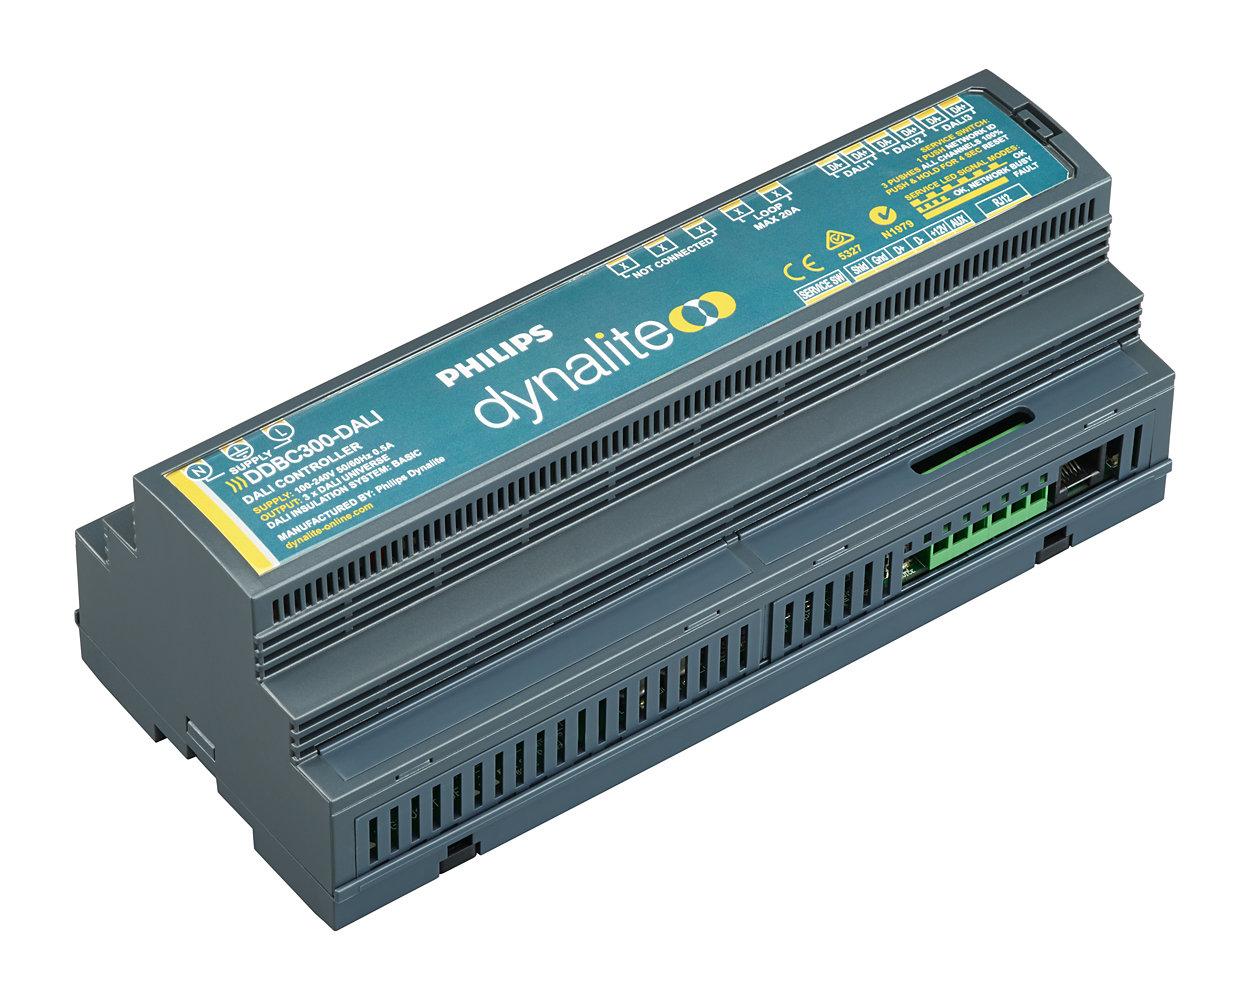 Soluciones de control de iluminación con consumo eficiente de energía, simples y a la vez sofisticadas